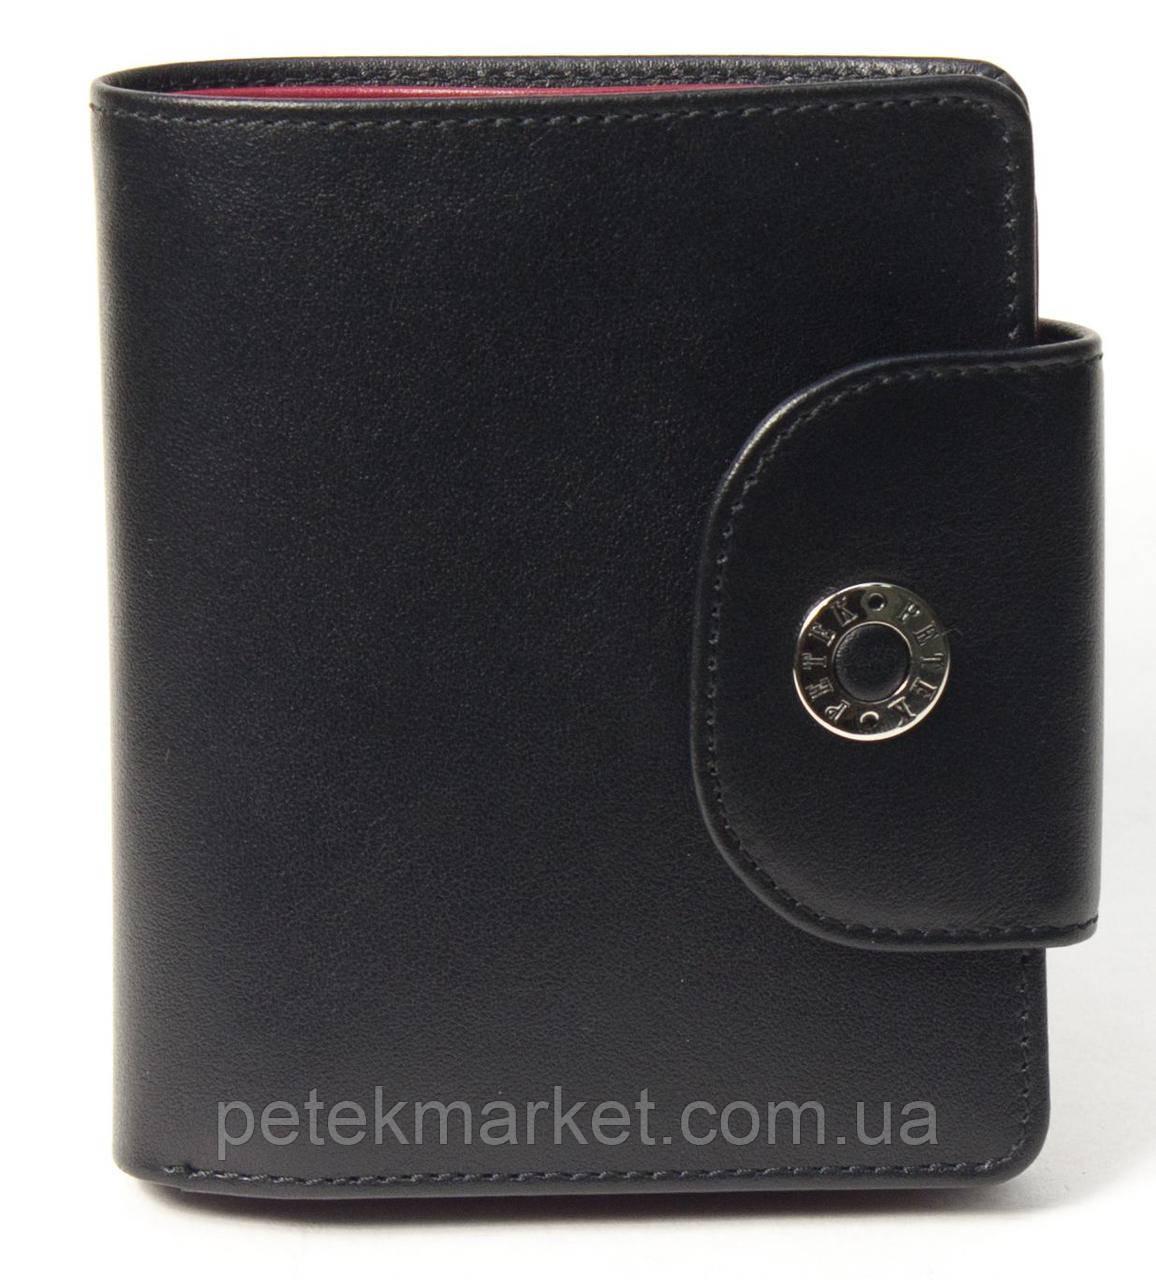 fcc32cd1a576 Женский Кошелек PETEK 462 Черно-красный (462-000-A31) — в Категории ...